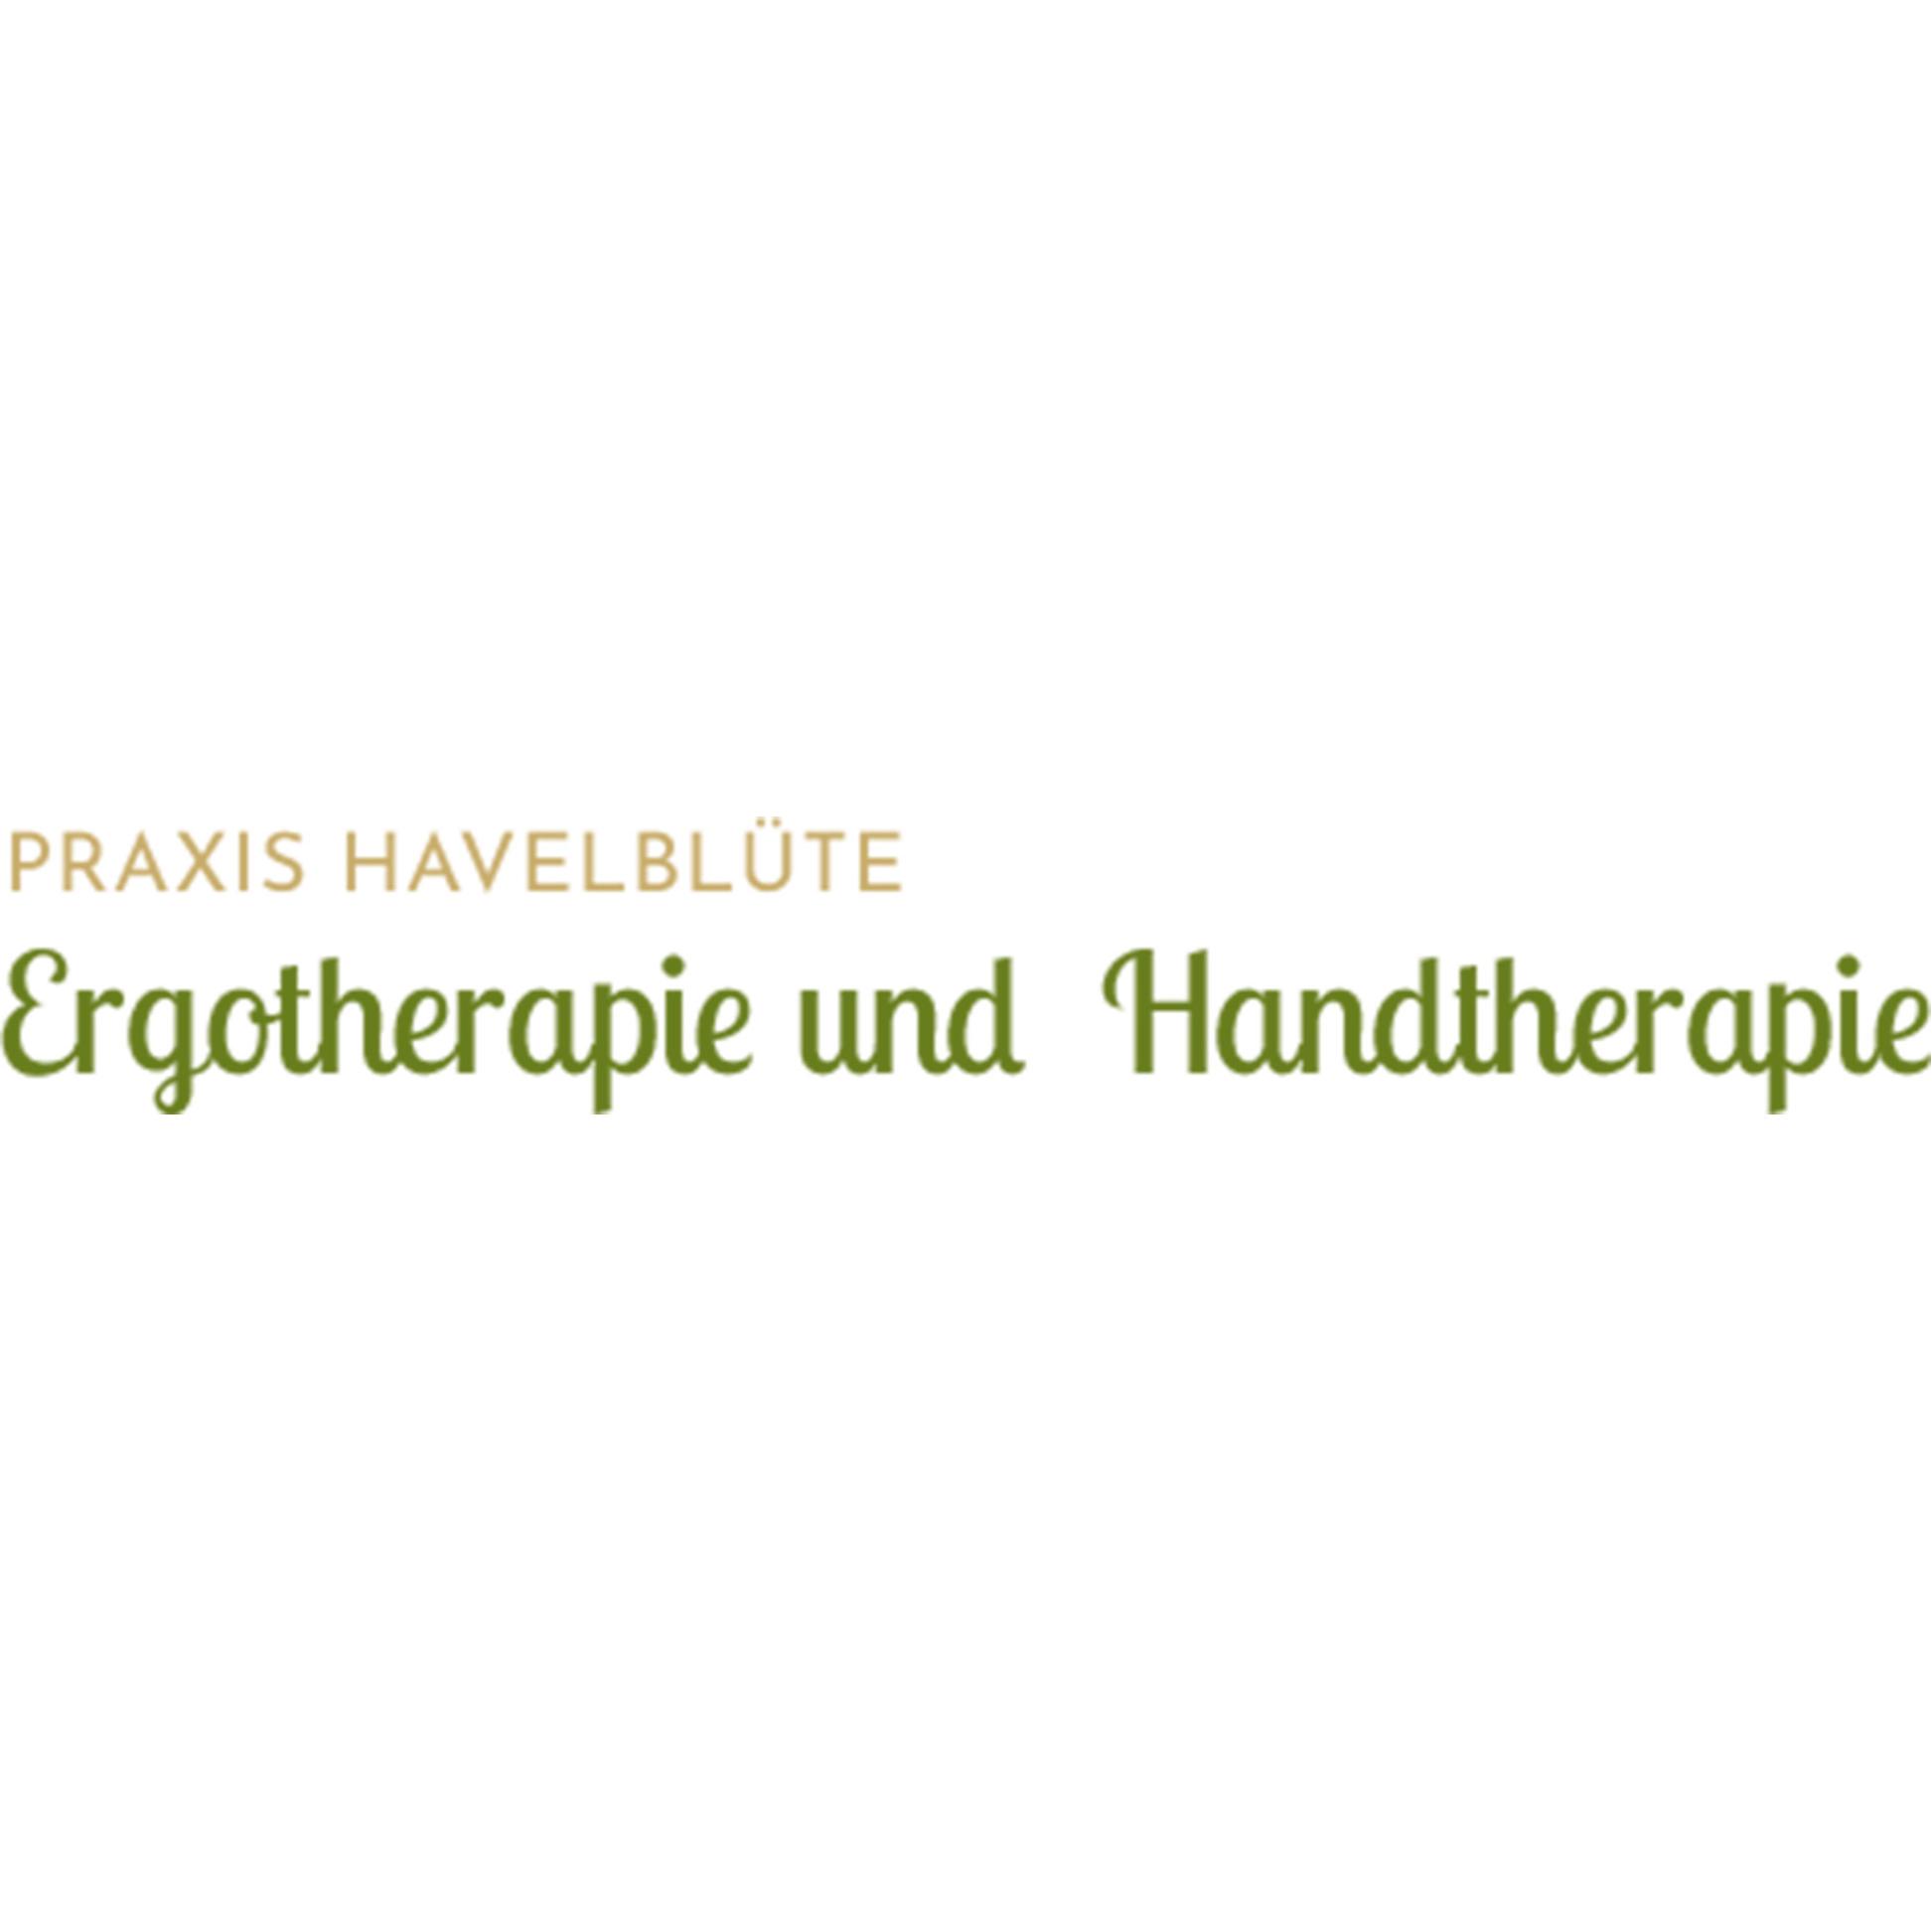 Bild zu Praxis Havelblüte Ergotherapie und Handtherapie in Potsdam